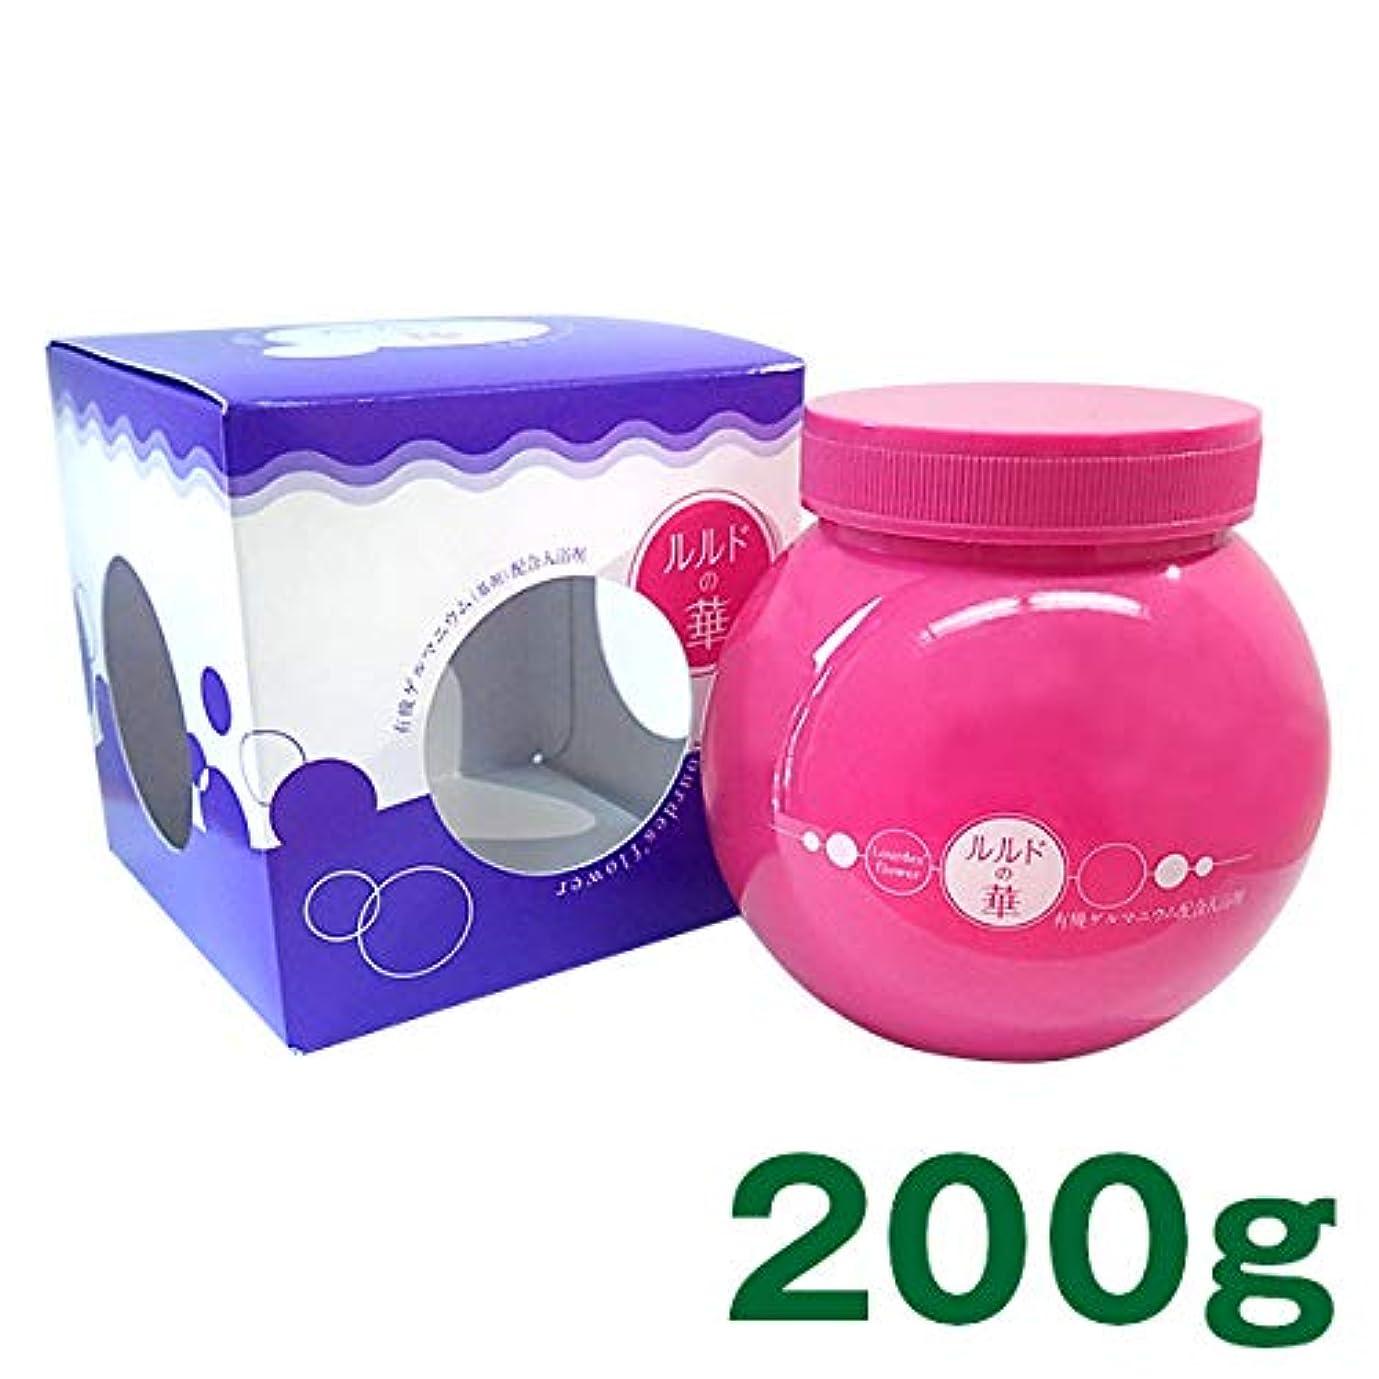 コンソール調子シェルター有機ゲルマニウム8.0%配合入浴剤【ルルドの華(ボトル)】200g